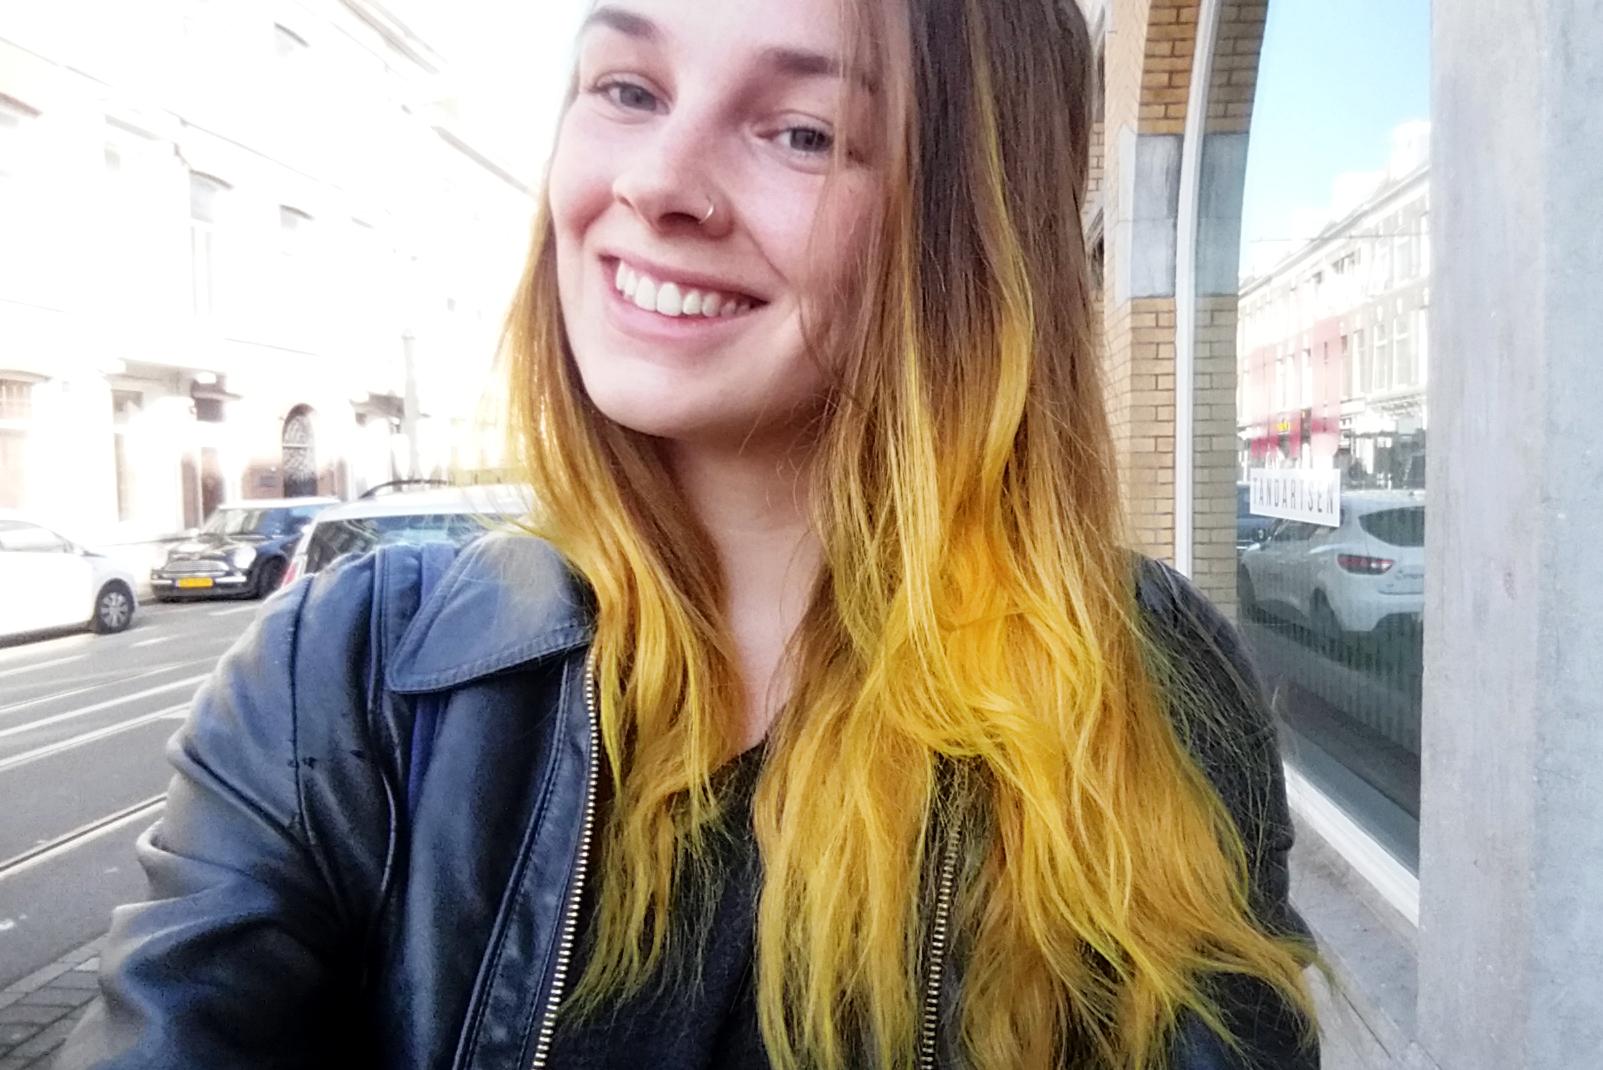 Wonderbaar Vooroordelen over felle haarkleuren - Beautyblog - Proud2bme IT-17